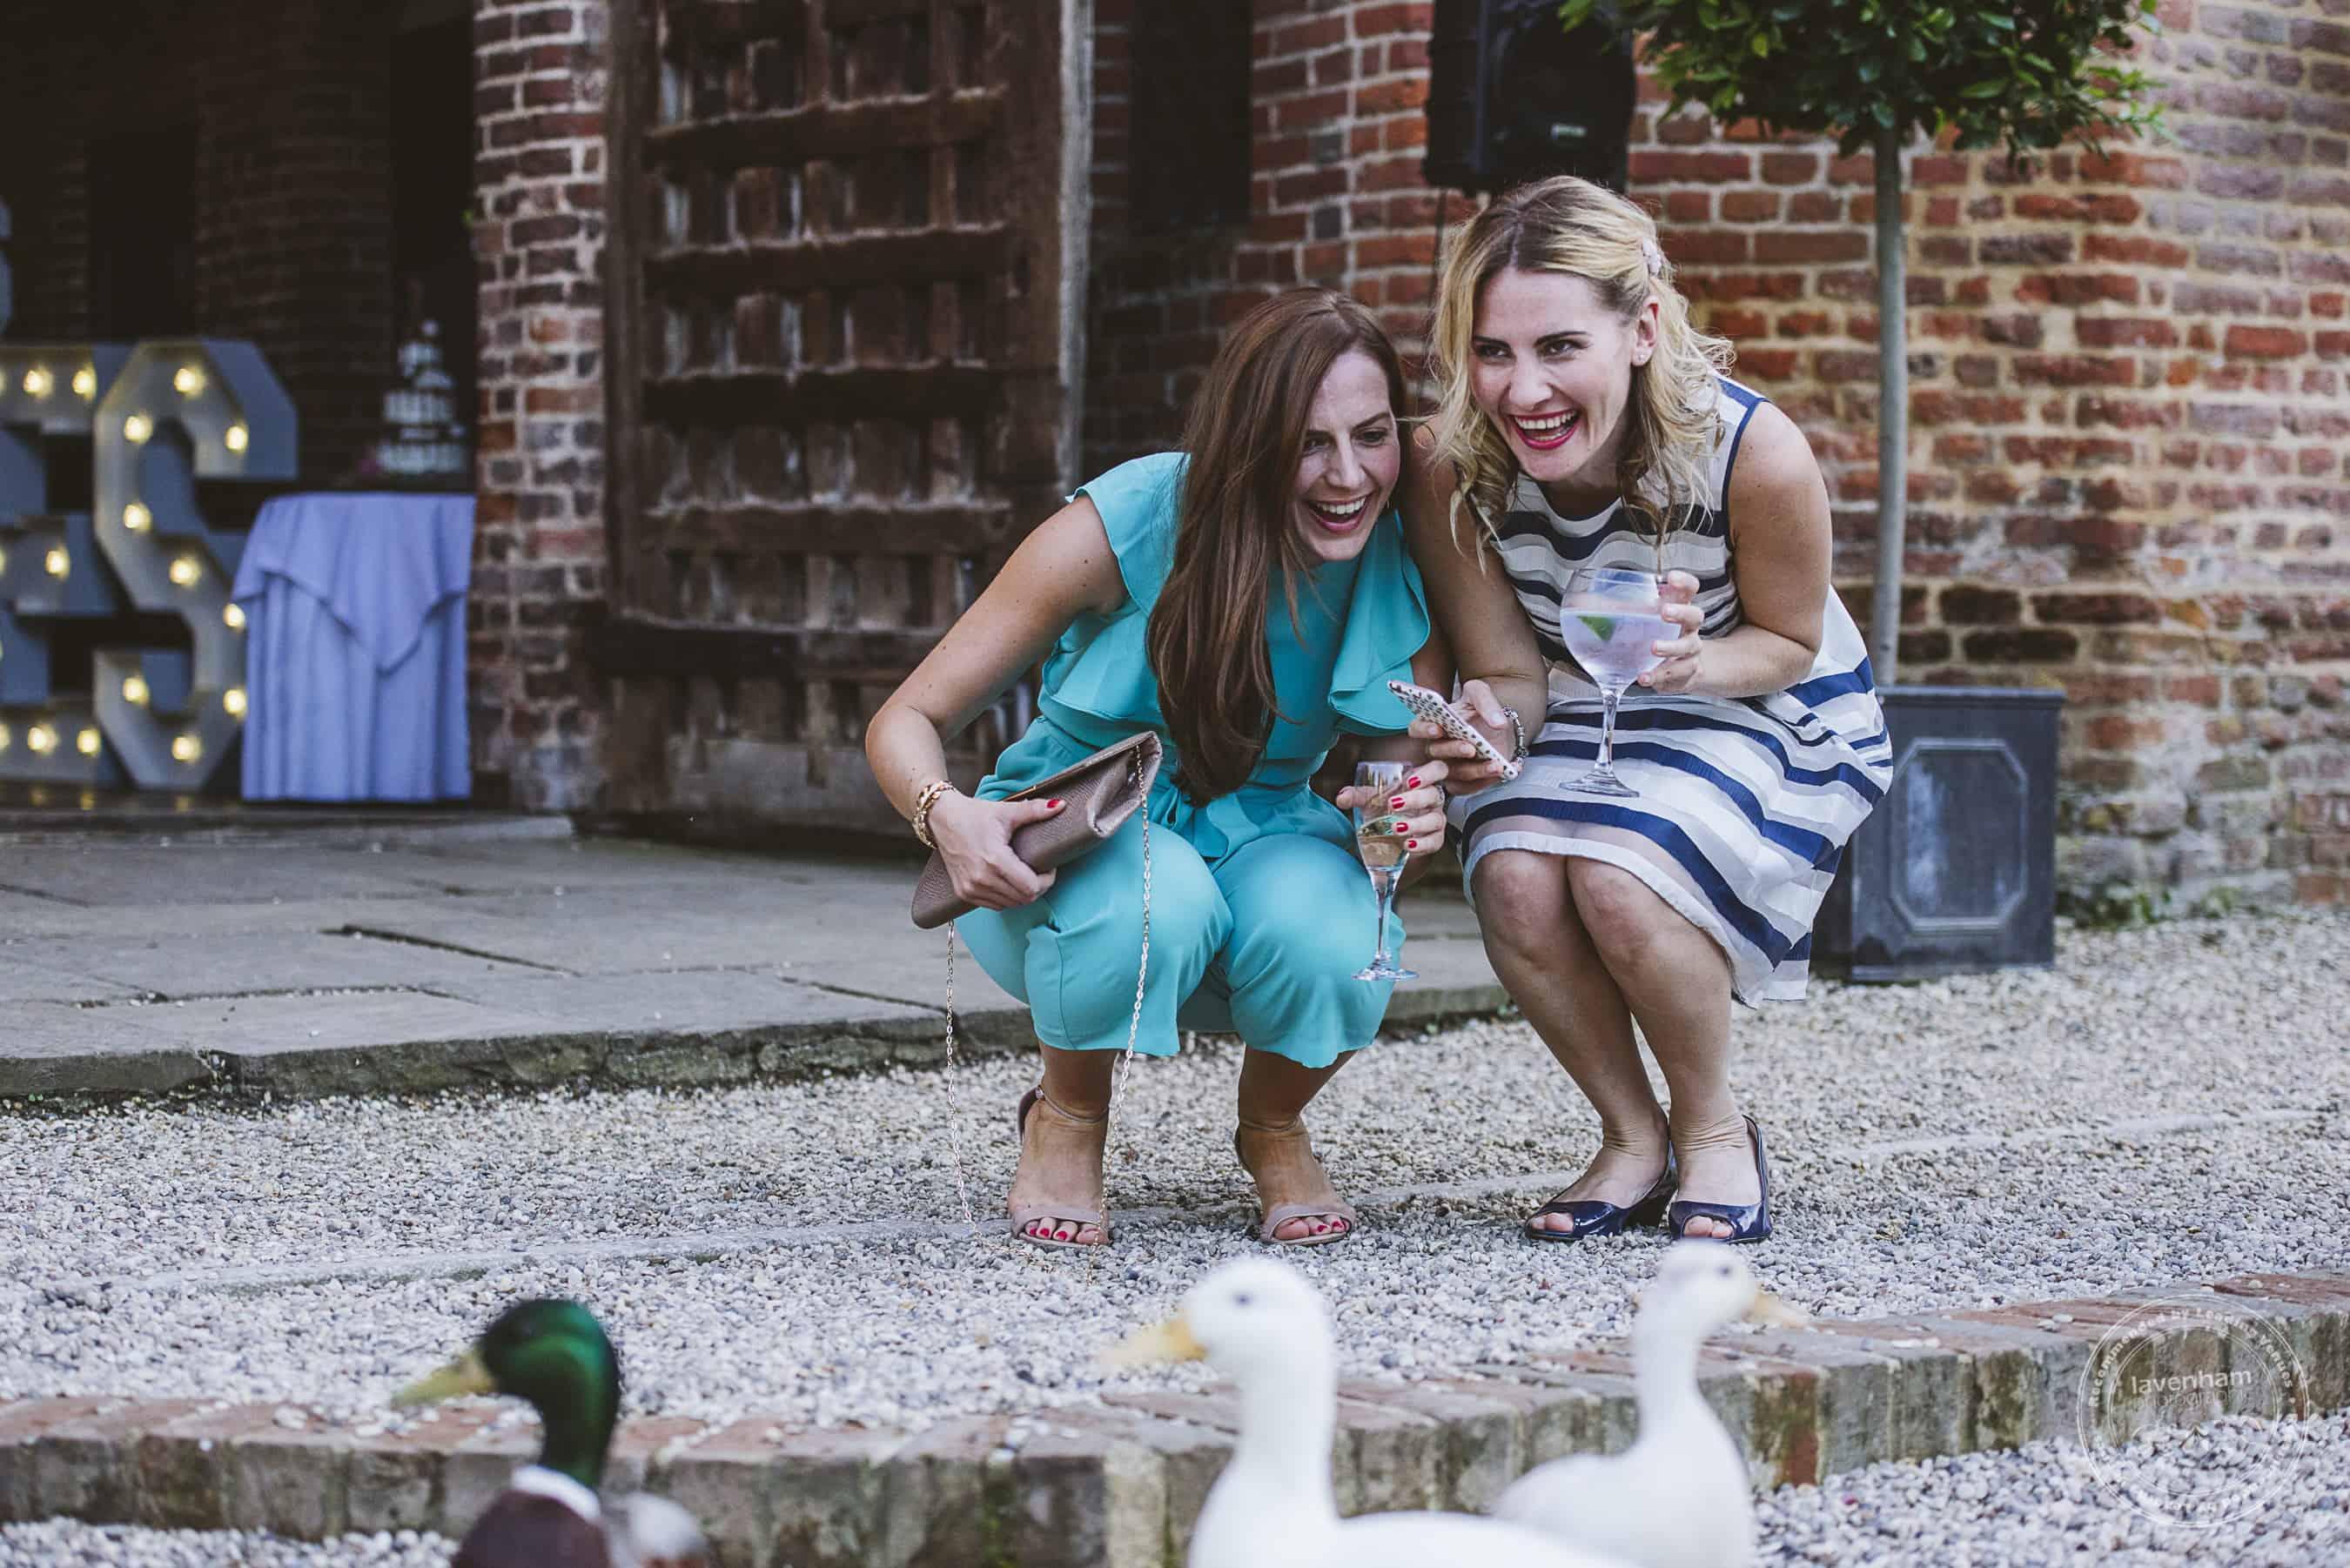 020618 Leez Priory Wedding Photography Lavenham Photographic 152